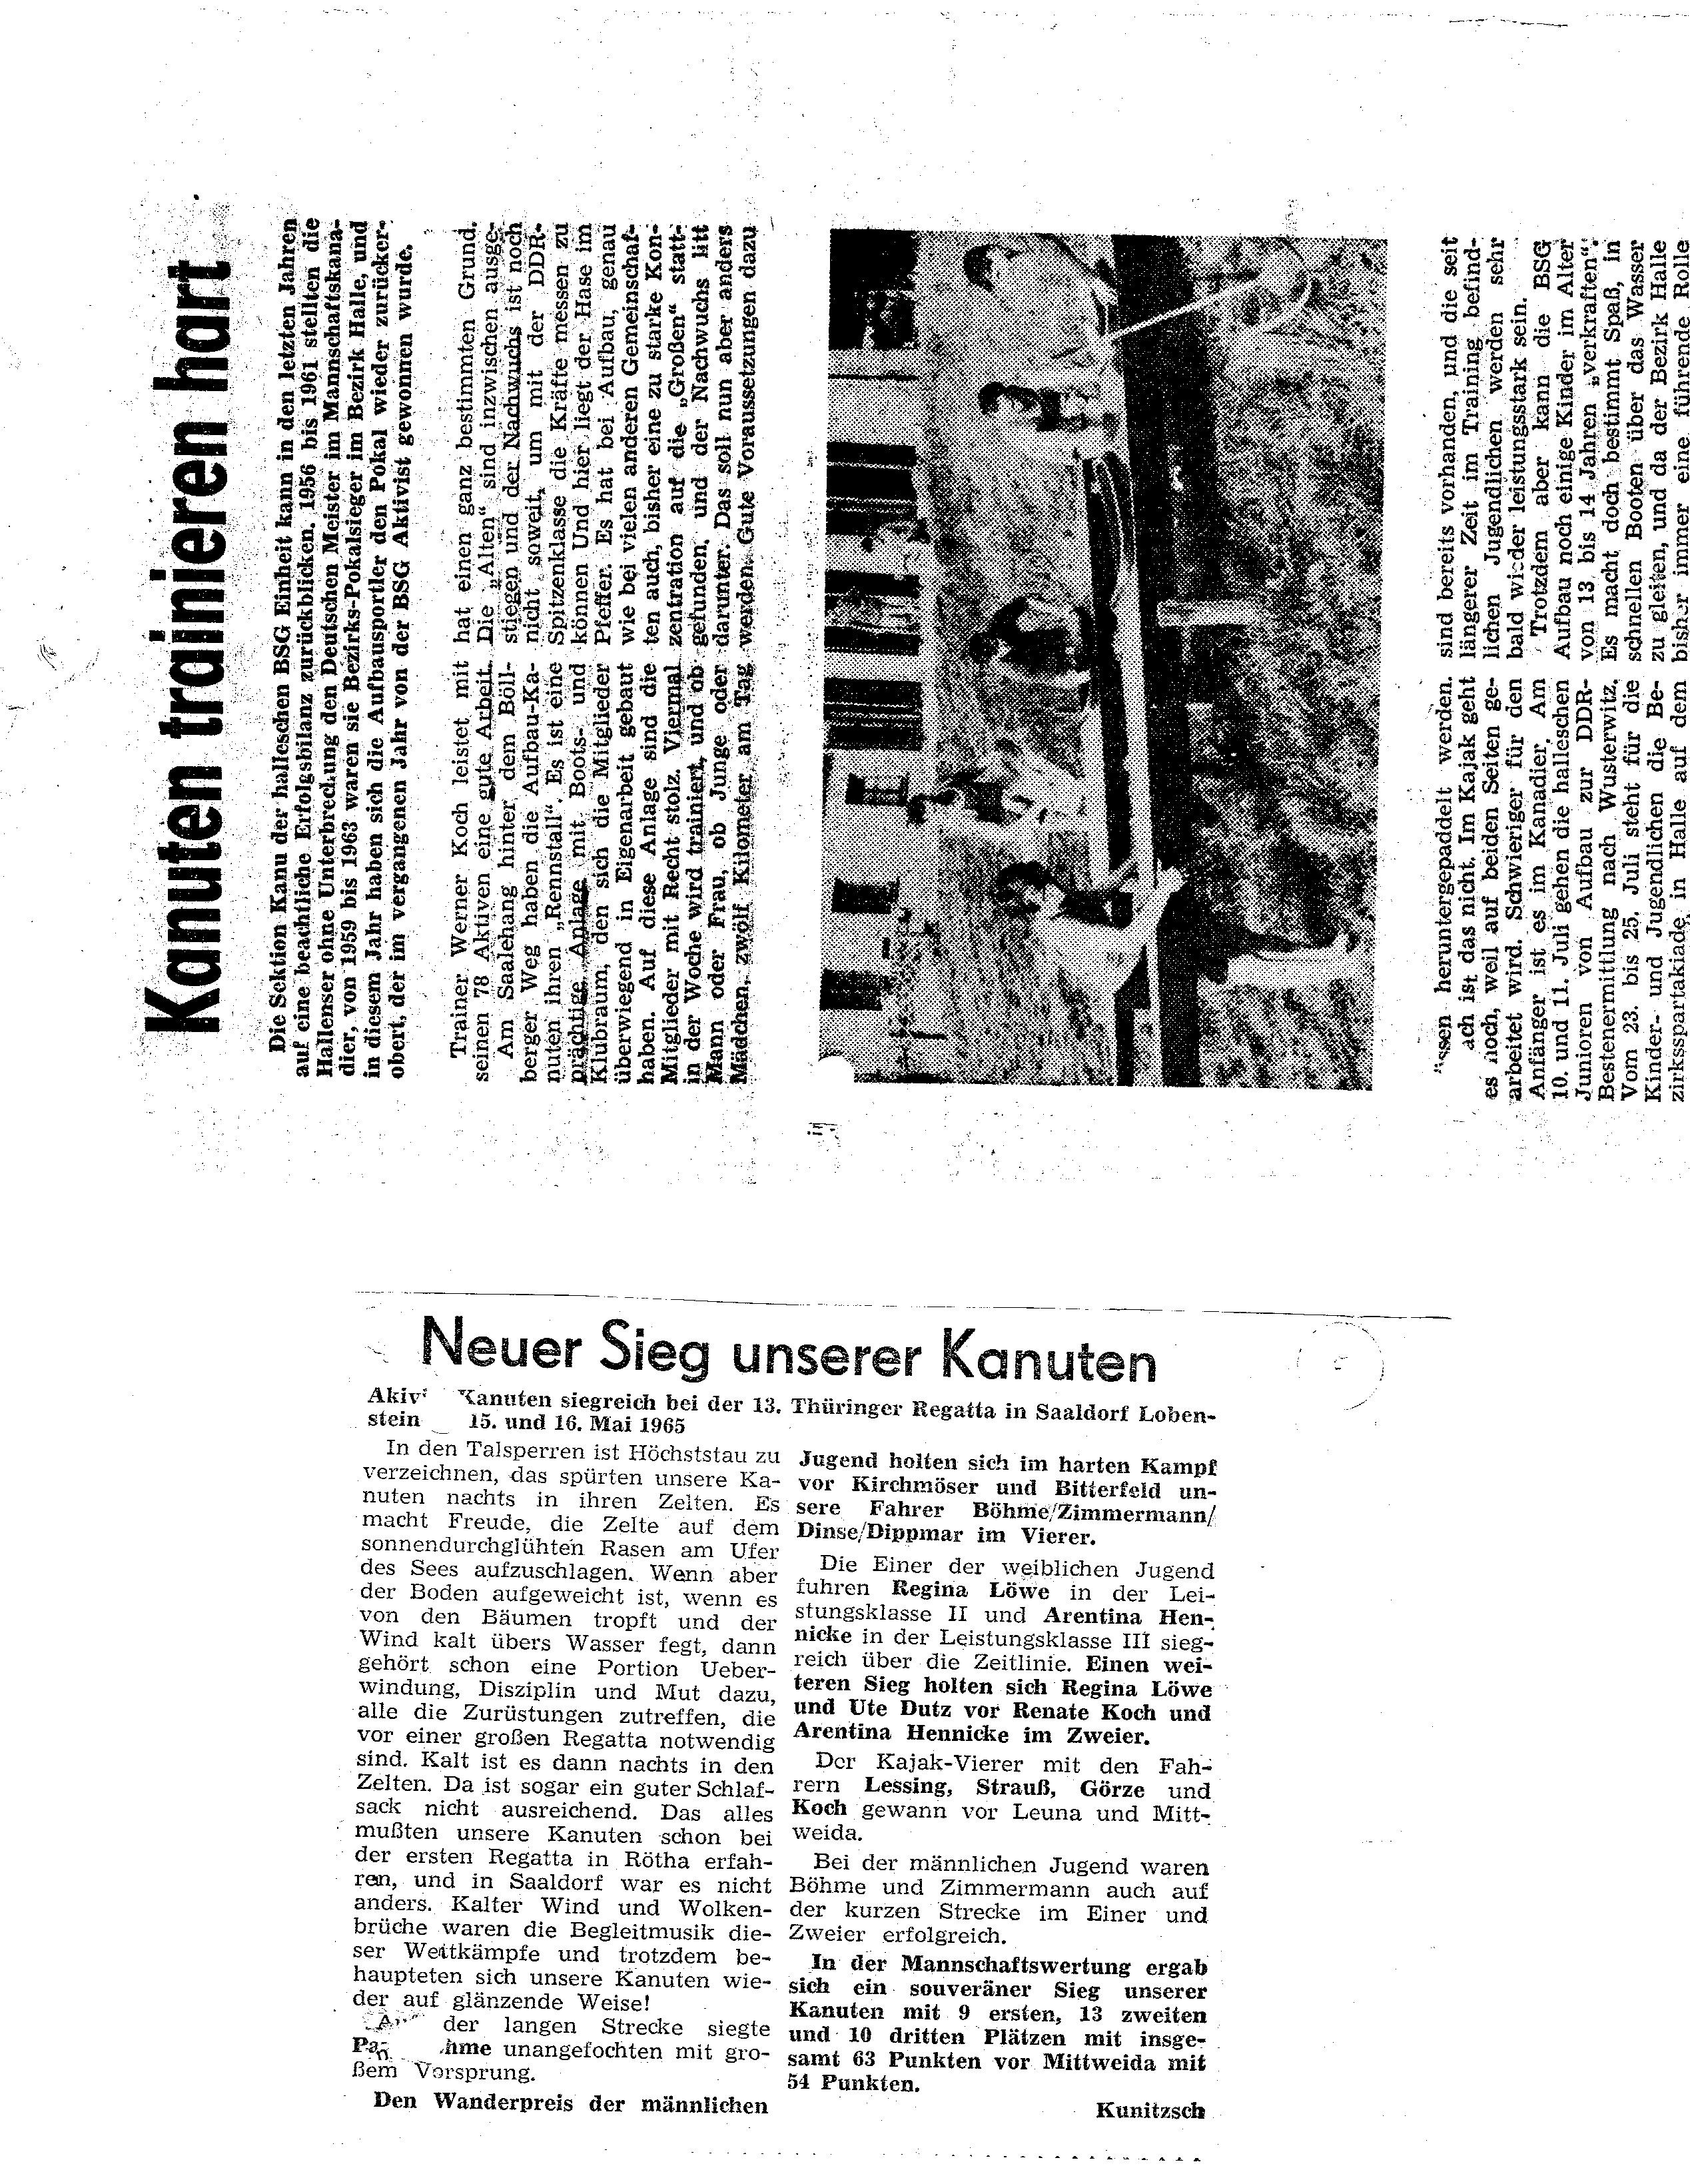 1965-06-16 Kanuten trainiern hart